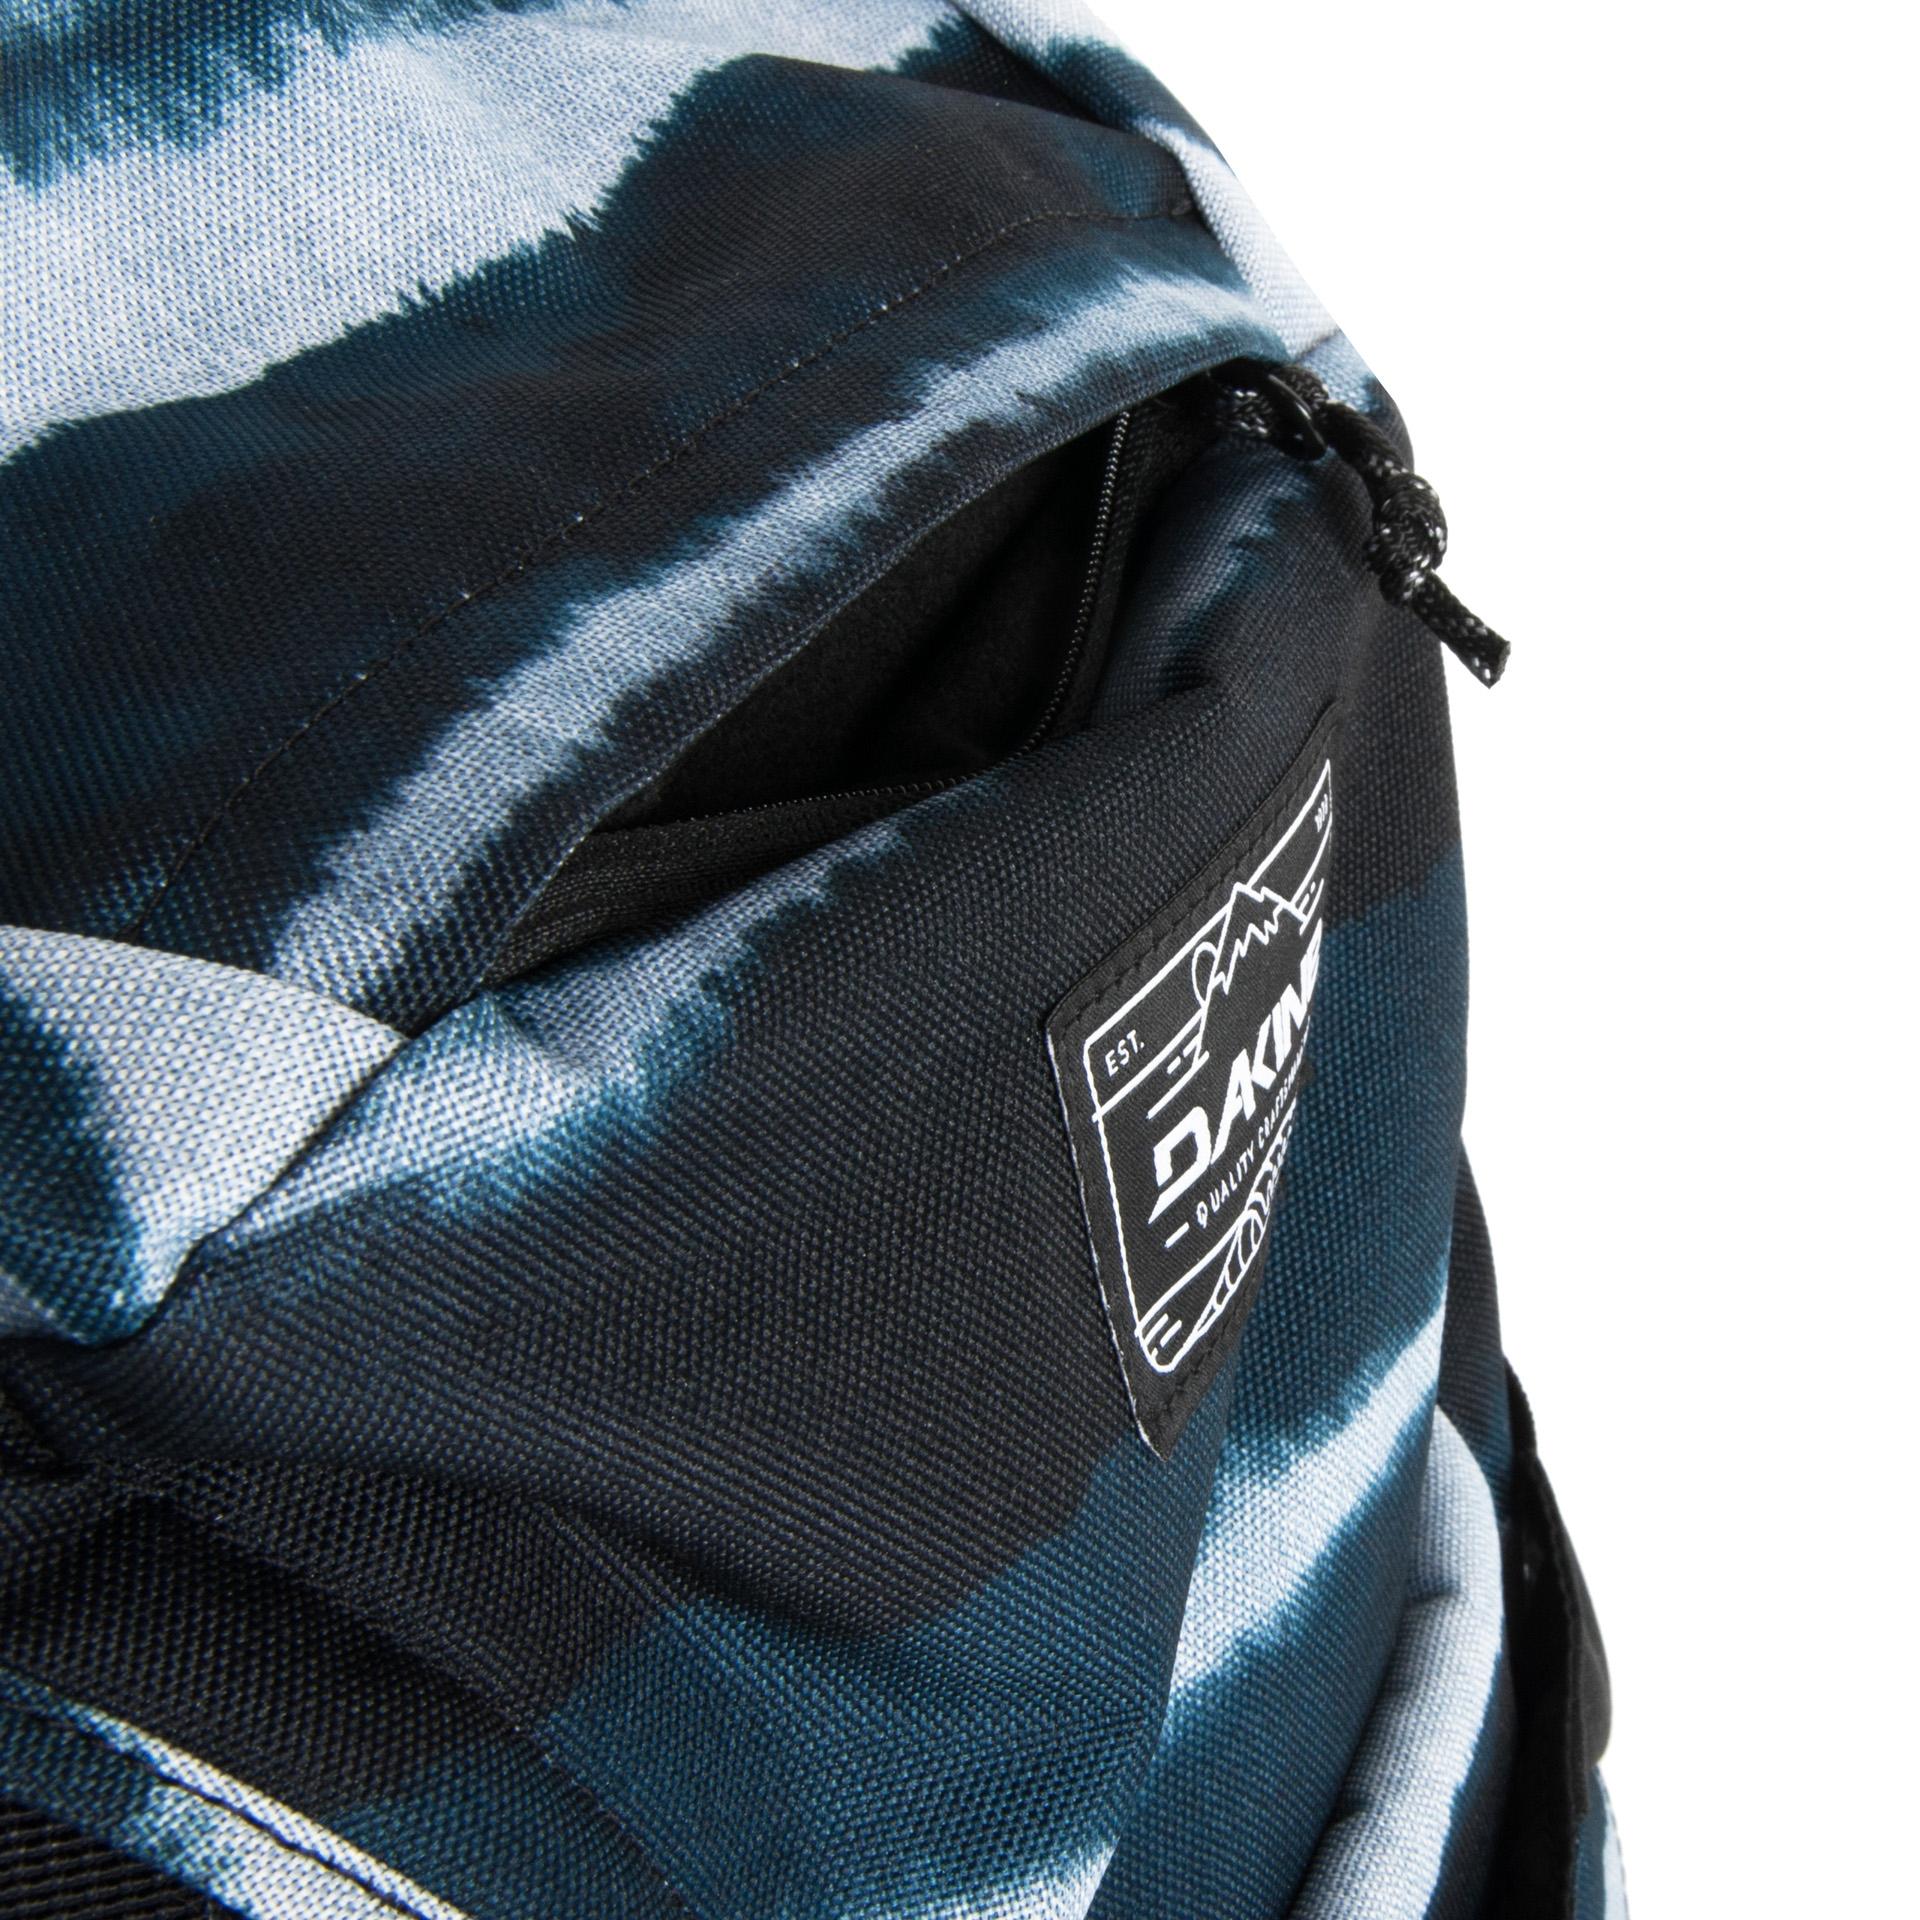 Dakine Canyon 24L Resin stripe Budete mať náročný deň v škole, alebo sa chystáte na túru v horách?  - priedušný chrbtový systém - ergonomické ramenné popruhy s vreckom na telefón - odnímateľný 25mm bedrový pás - nastaviteľný hrudný popruh s píšťalkou - hlavná komora uzatvárateľná zipsom - na čelnej strane batohu kompresné vrecko vhodné pre uloženie bundy či helmy - súčasťou predného vreckáa je menšie vrecko na zips - fleecový oddiel na slnečné okuliare - dve priestranné bočné vrecká - vnútorné vrecko s pútkom na kľúče - slučka pre uchytenie trekových palíc - vnútorný oddiel vhodný pre uloženie notebooku (s veľkosťou až 17